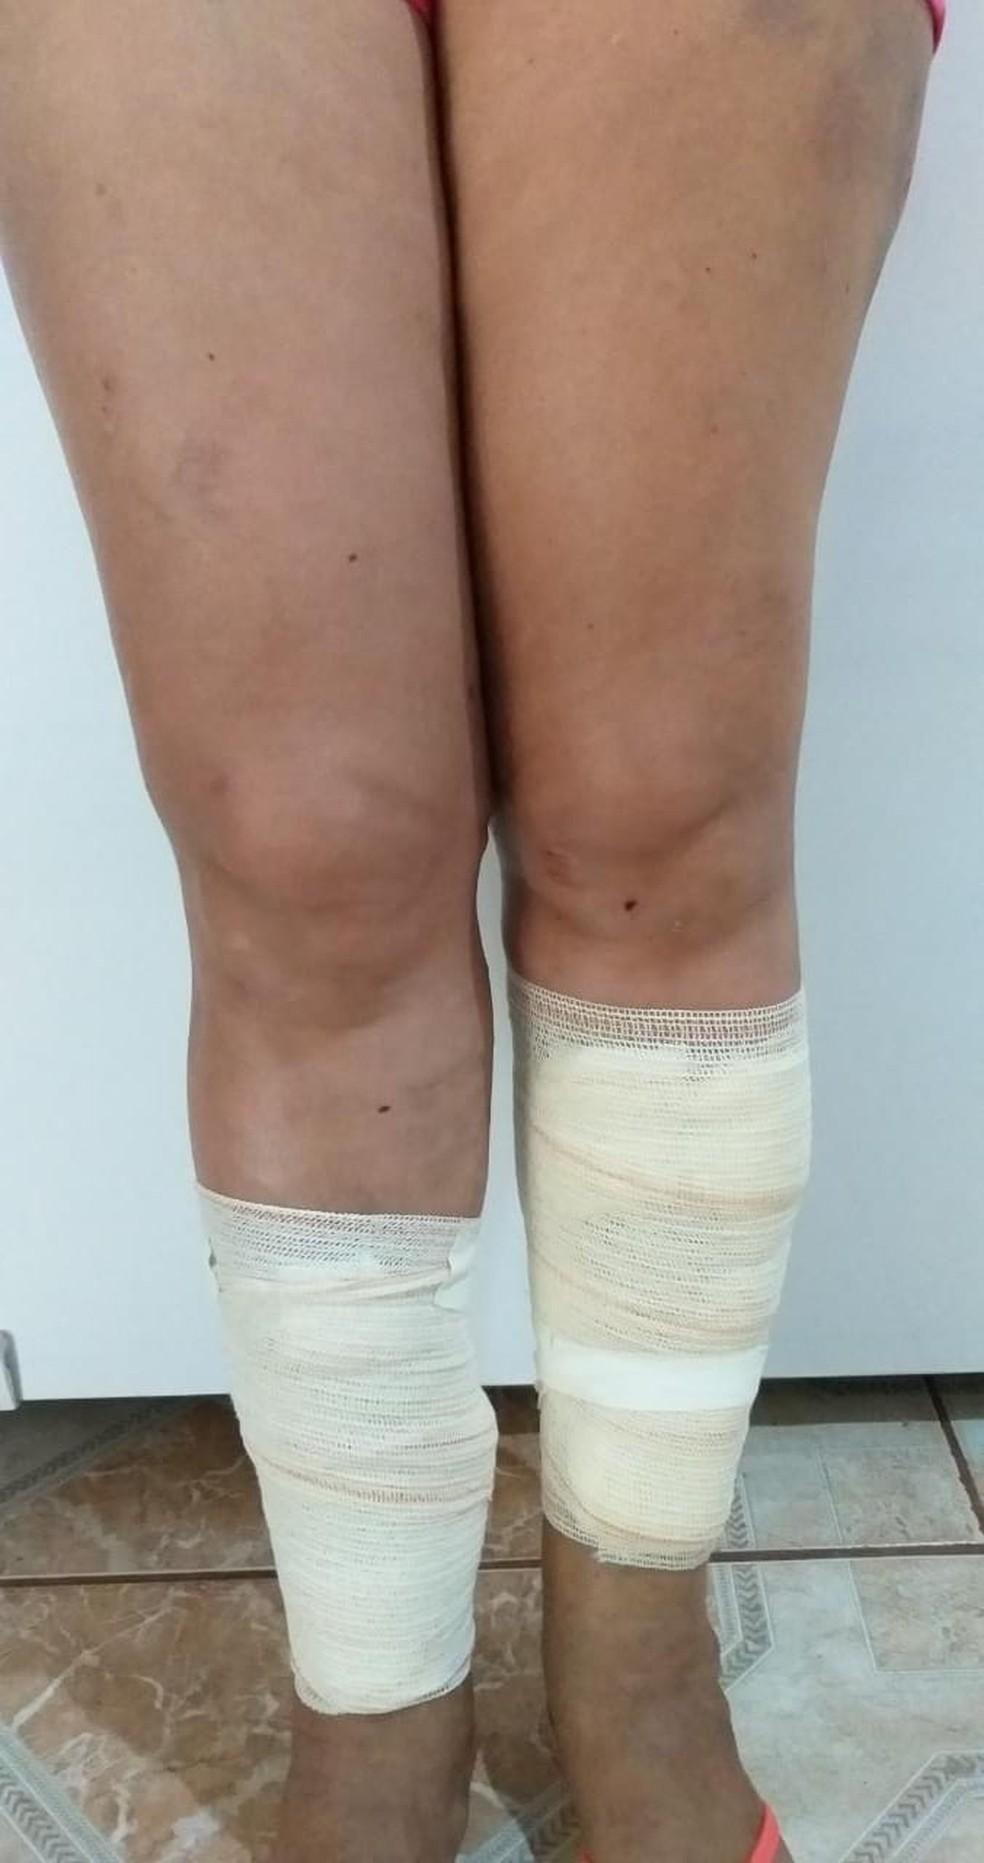 Vítima foi socorrida ao hospital municipal e precisou tomar vacinas.  — Foto: Débora Soares/Arquivo pessoal